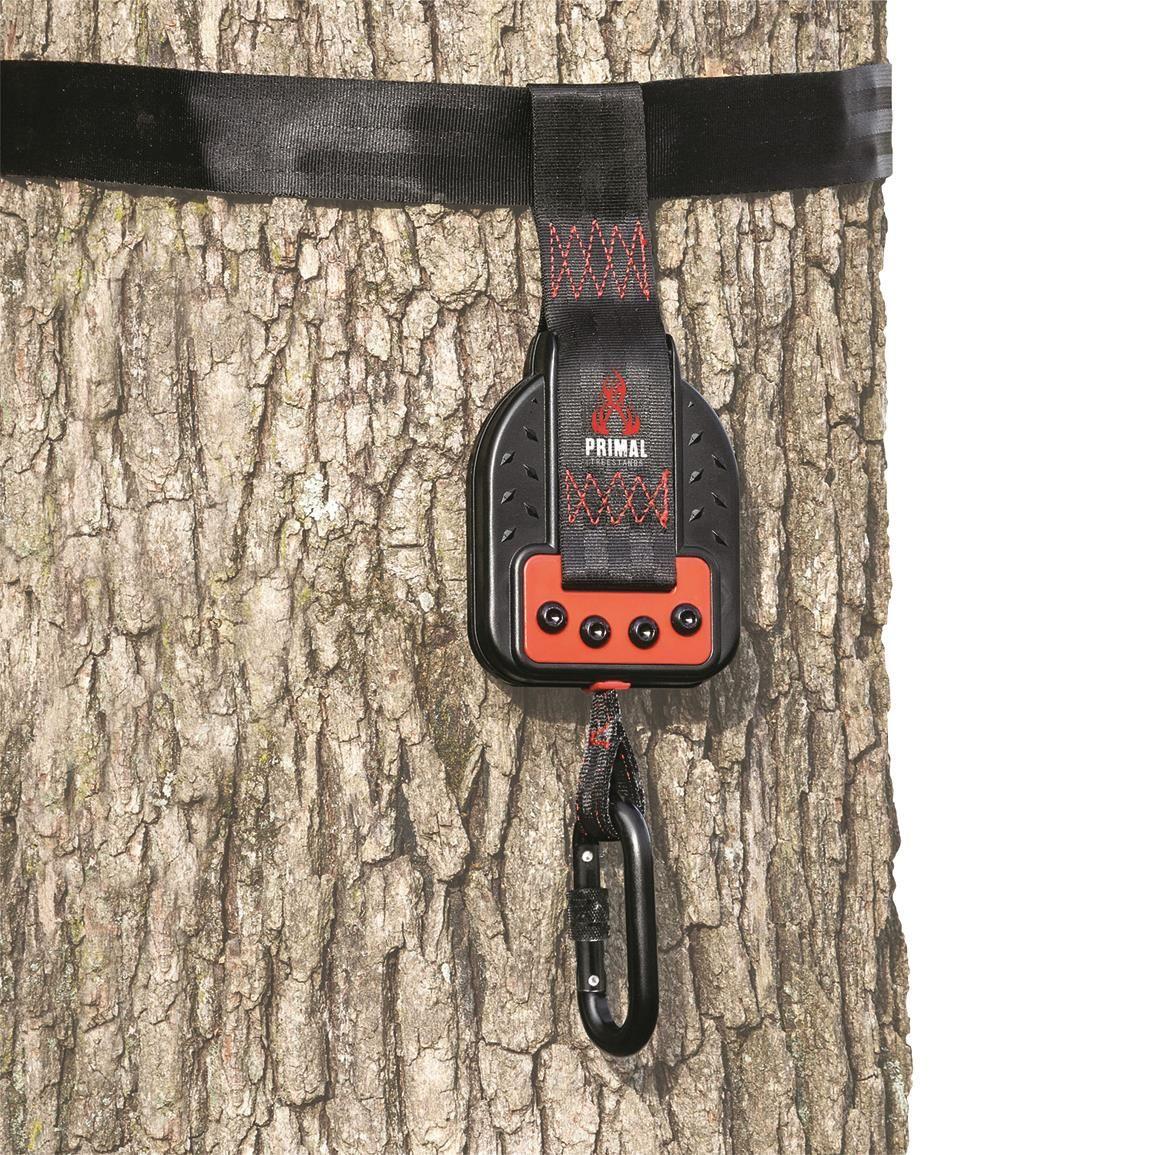 Primal Tree Stands Descender Fall Arrest System 705828